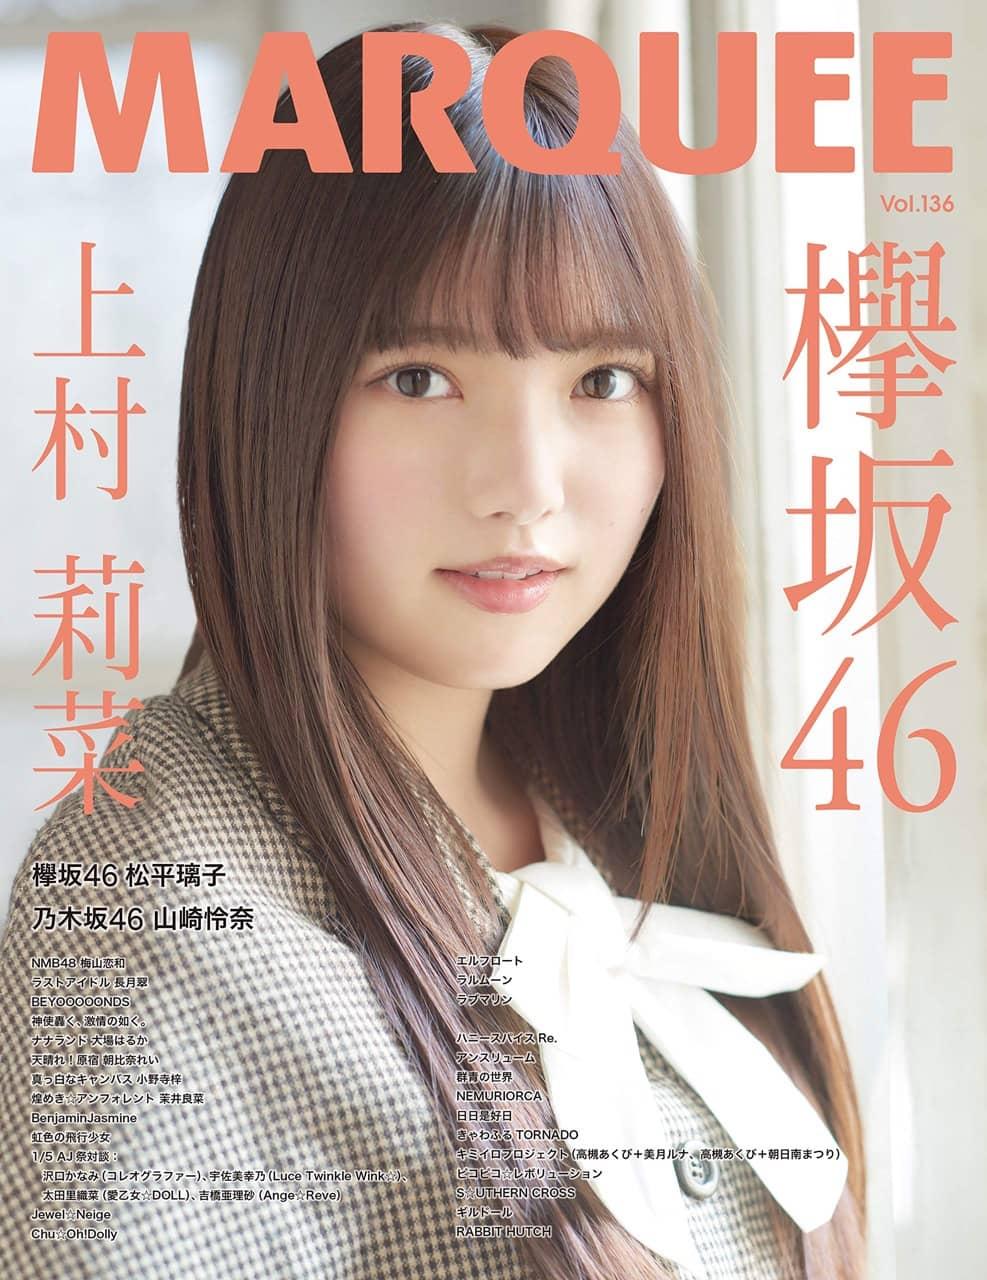 欅坂46 上村莉菜、表紙&巻頭特集!「MARQUEE Vol.136」12/16発売!